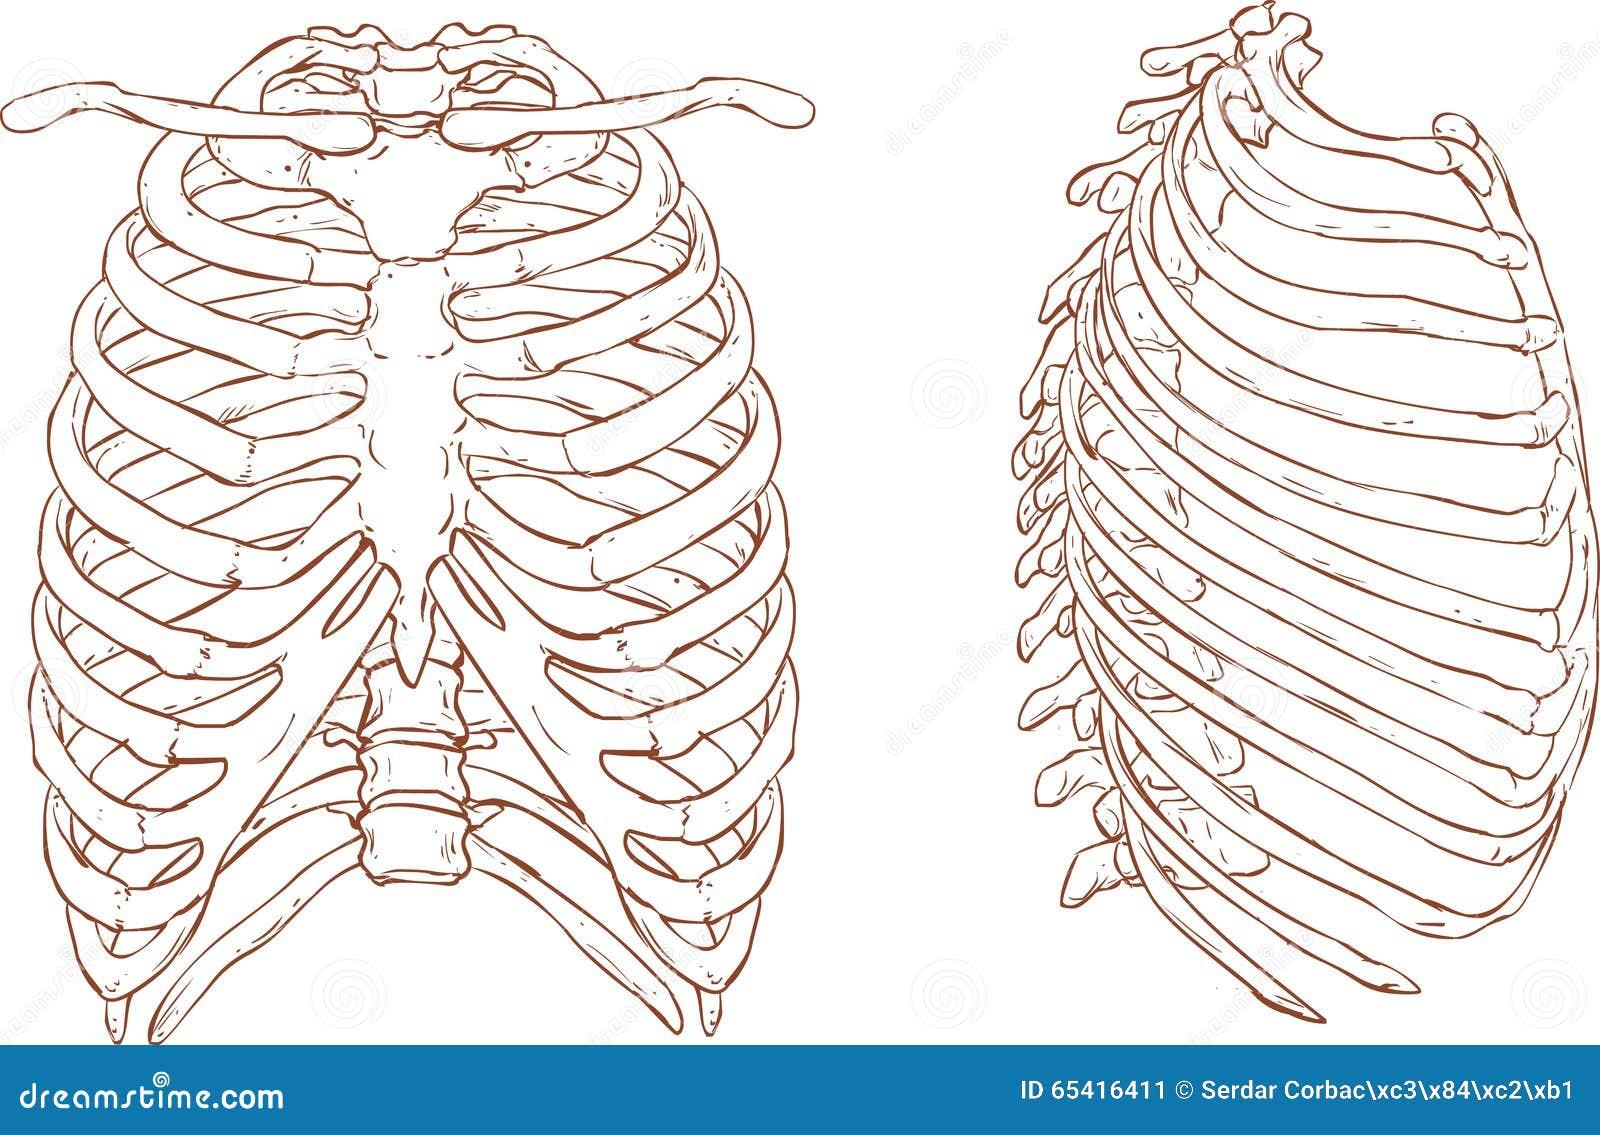 Ejemplo De La Caja Torácica Ilustración del Vector - Ilustración de ...